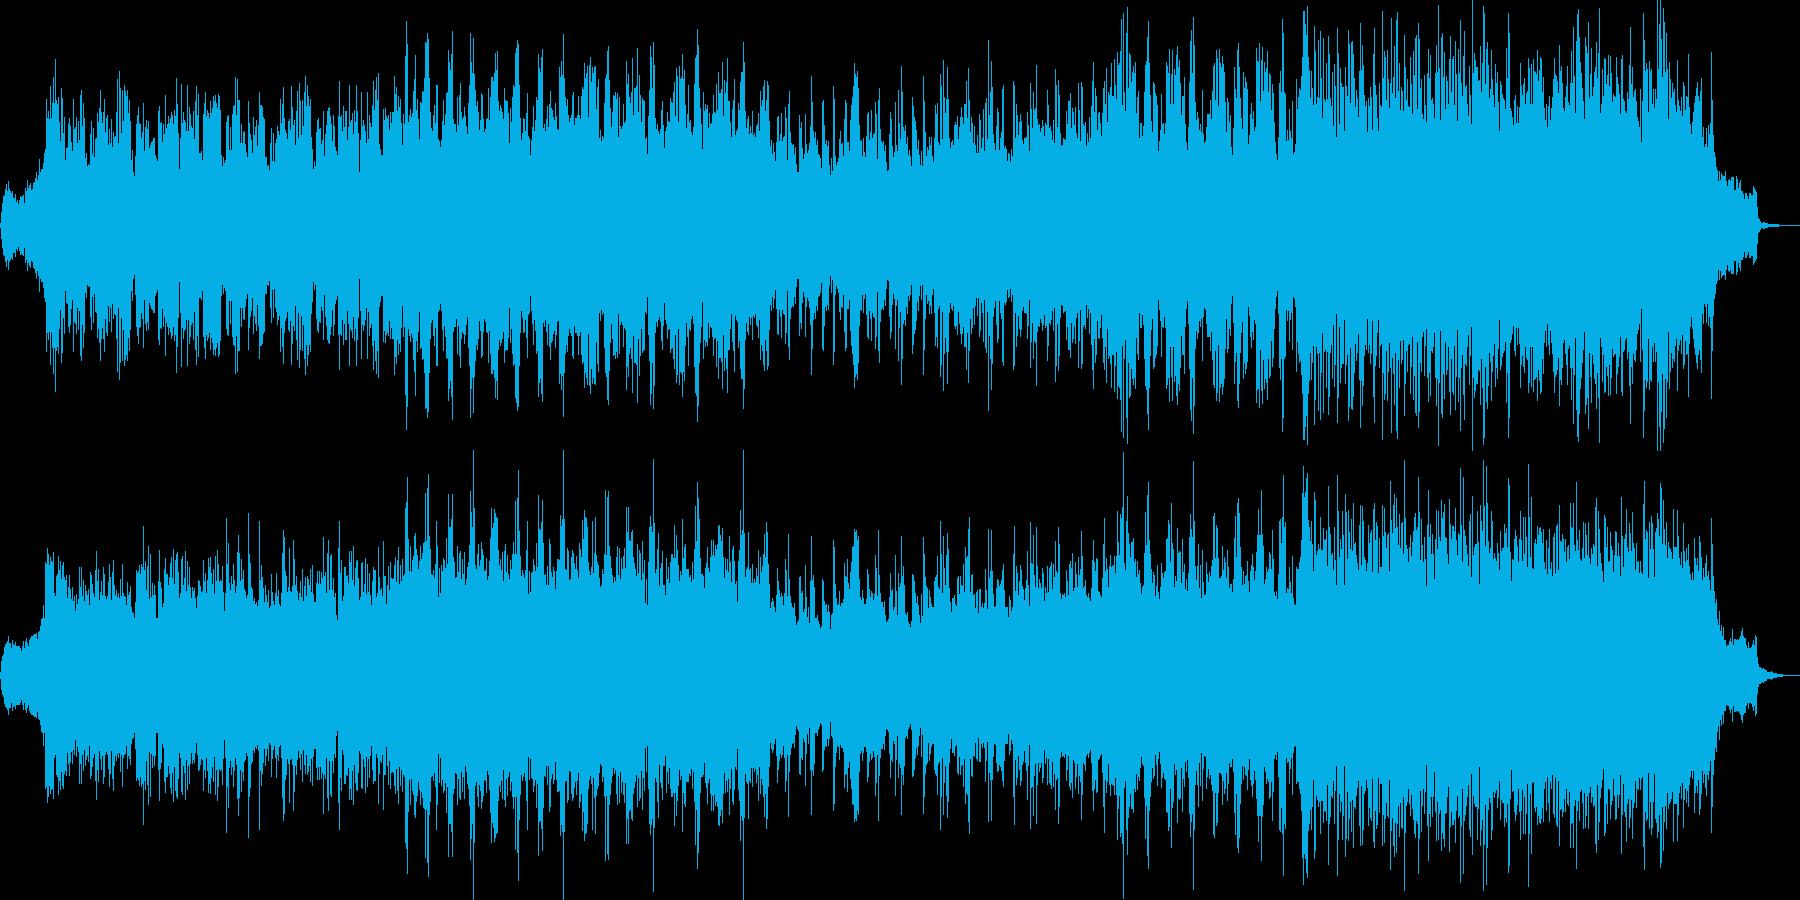 和風で神秘的、琴笛和太鼓をストリングス曲の再生済みの波形